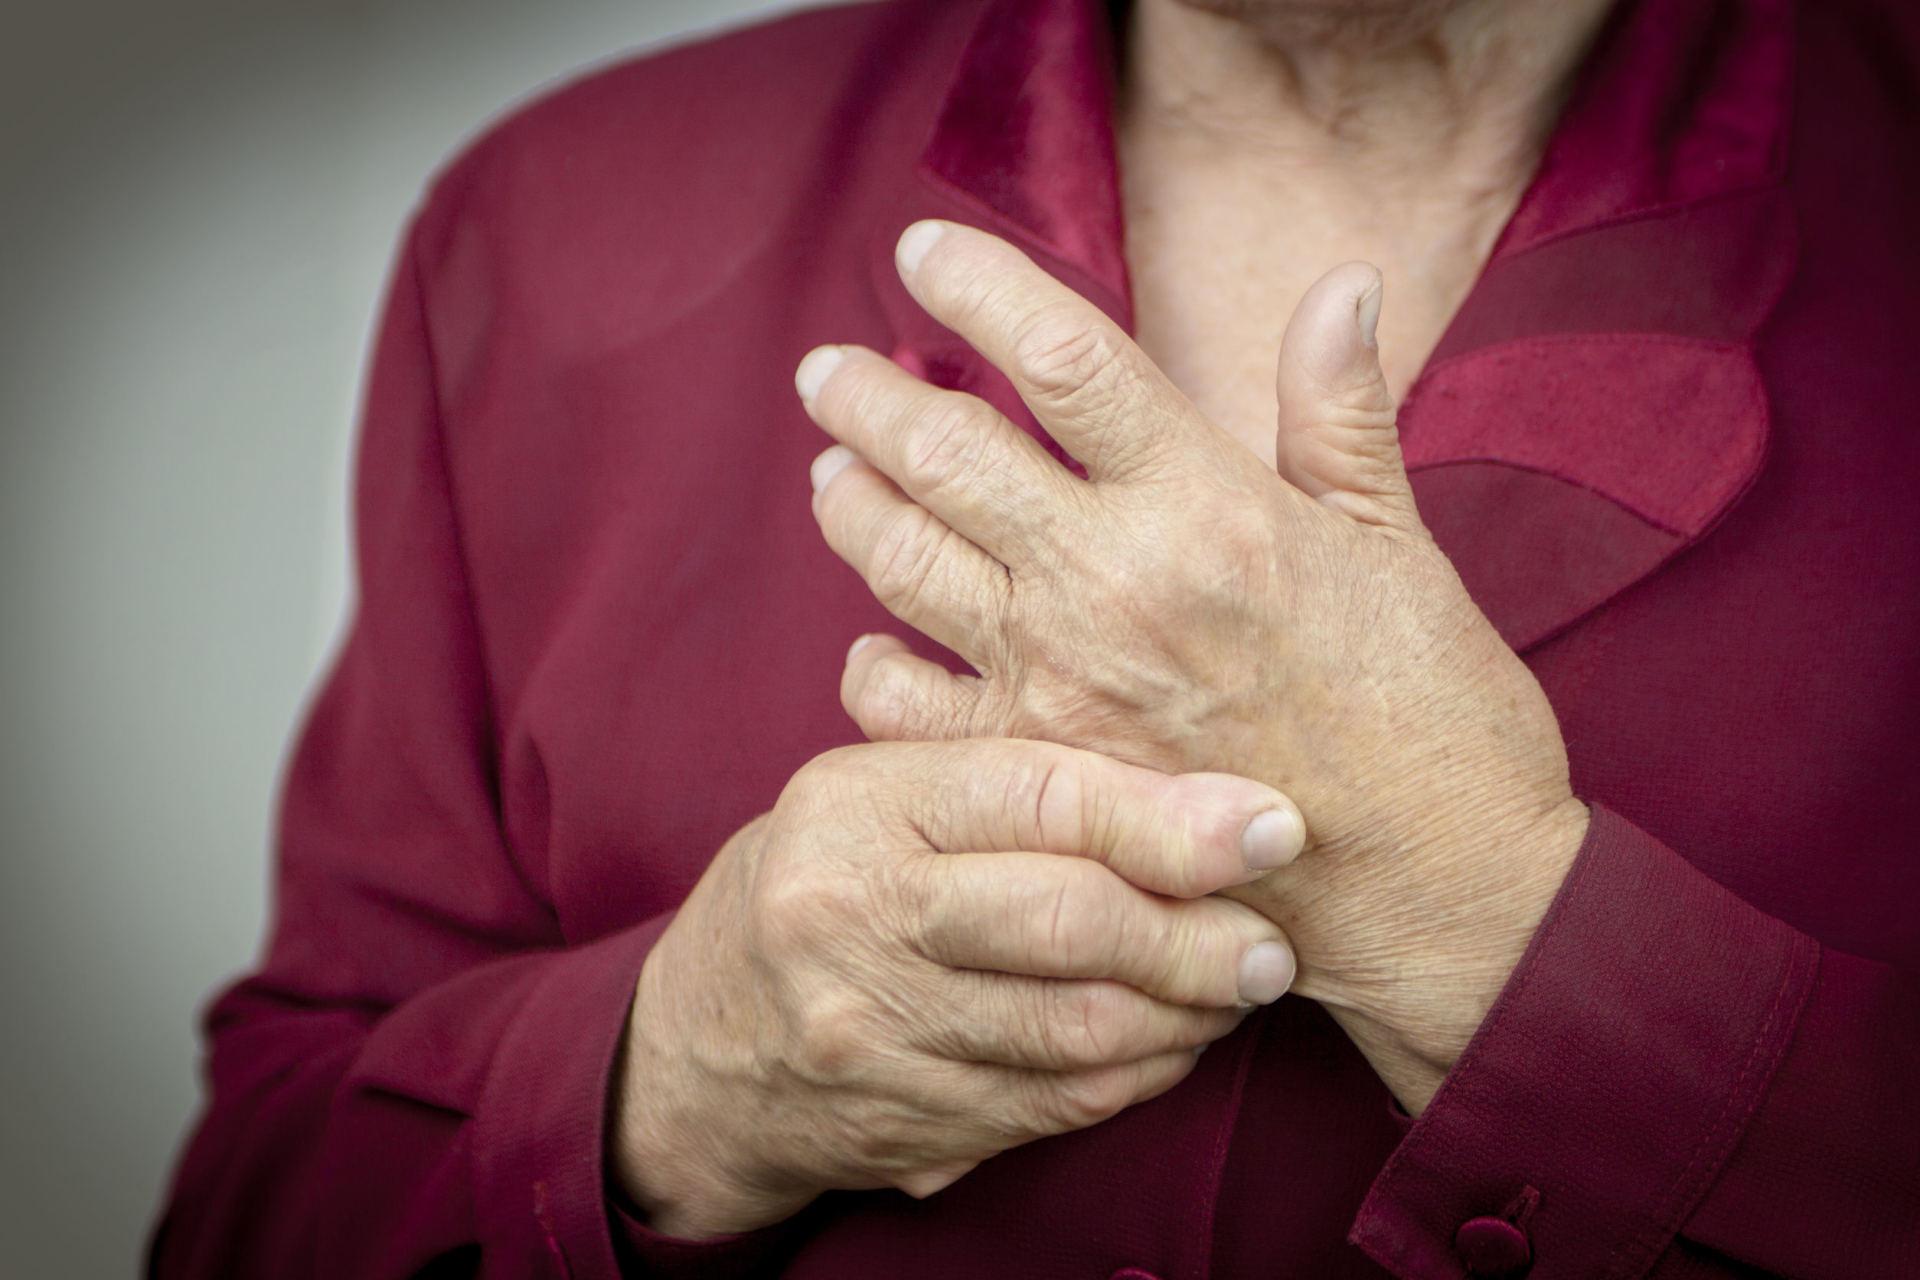 kas yra artritas plaštakų rankas kiaušinio baltymas yra į sąnarių gydymo